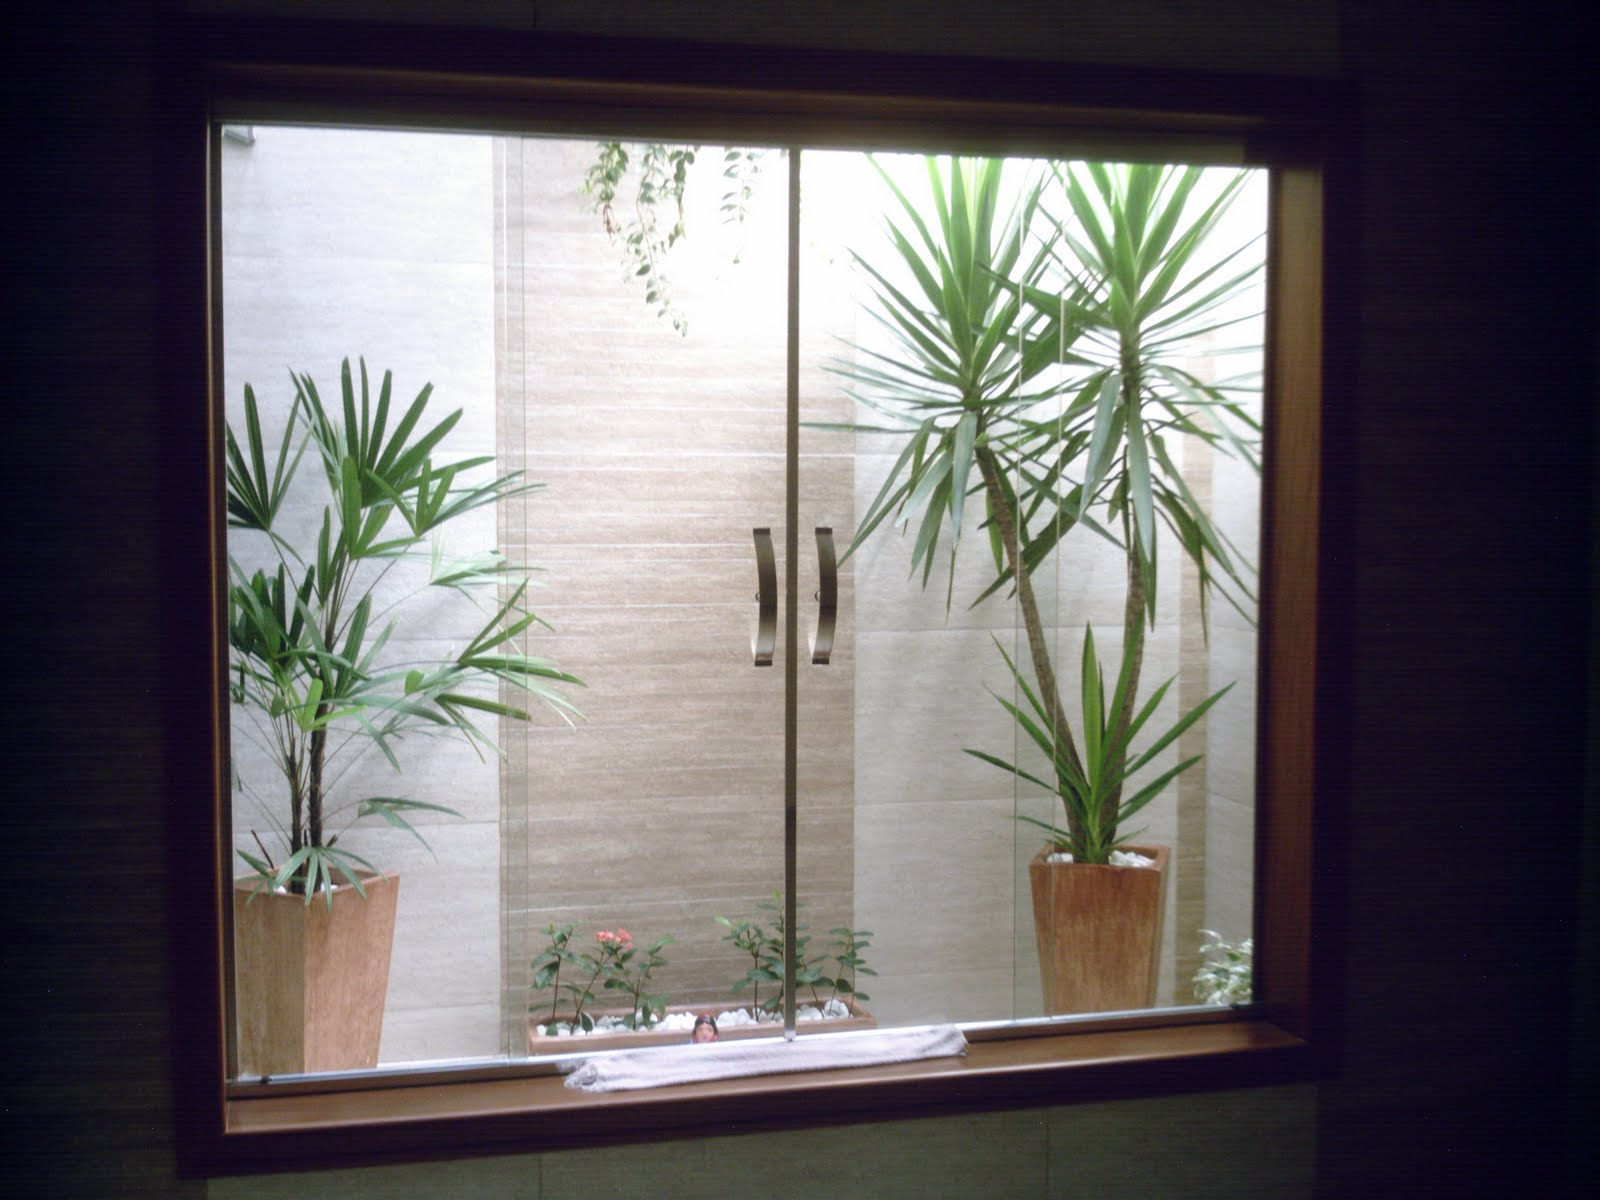 Manutenção Vale A Pena Demais Ter Um Pouco De Verde Dentro De Casa~ Imagens Jardim De Inverno Pequeno